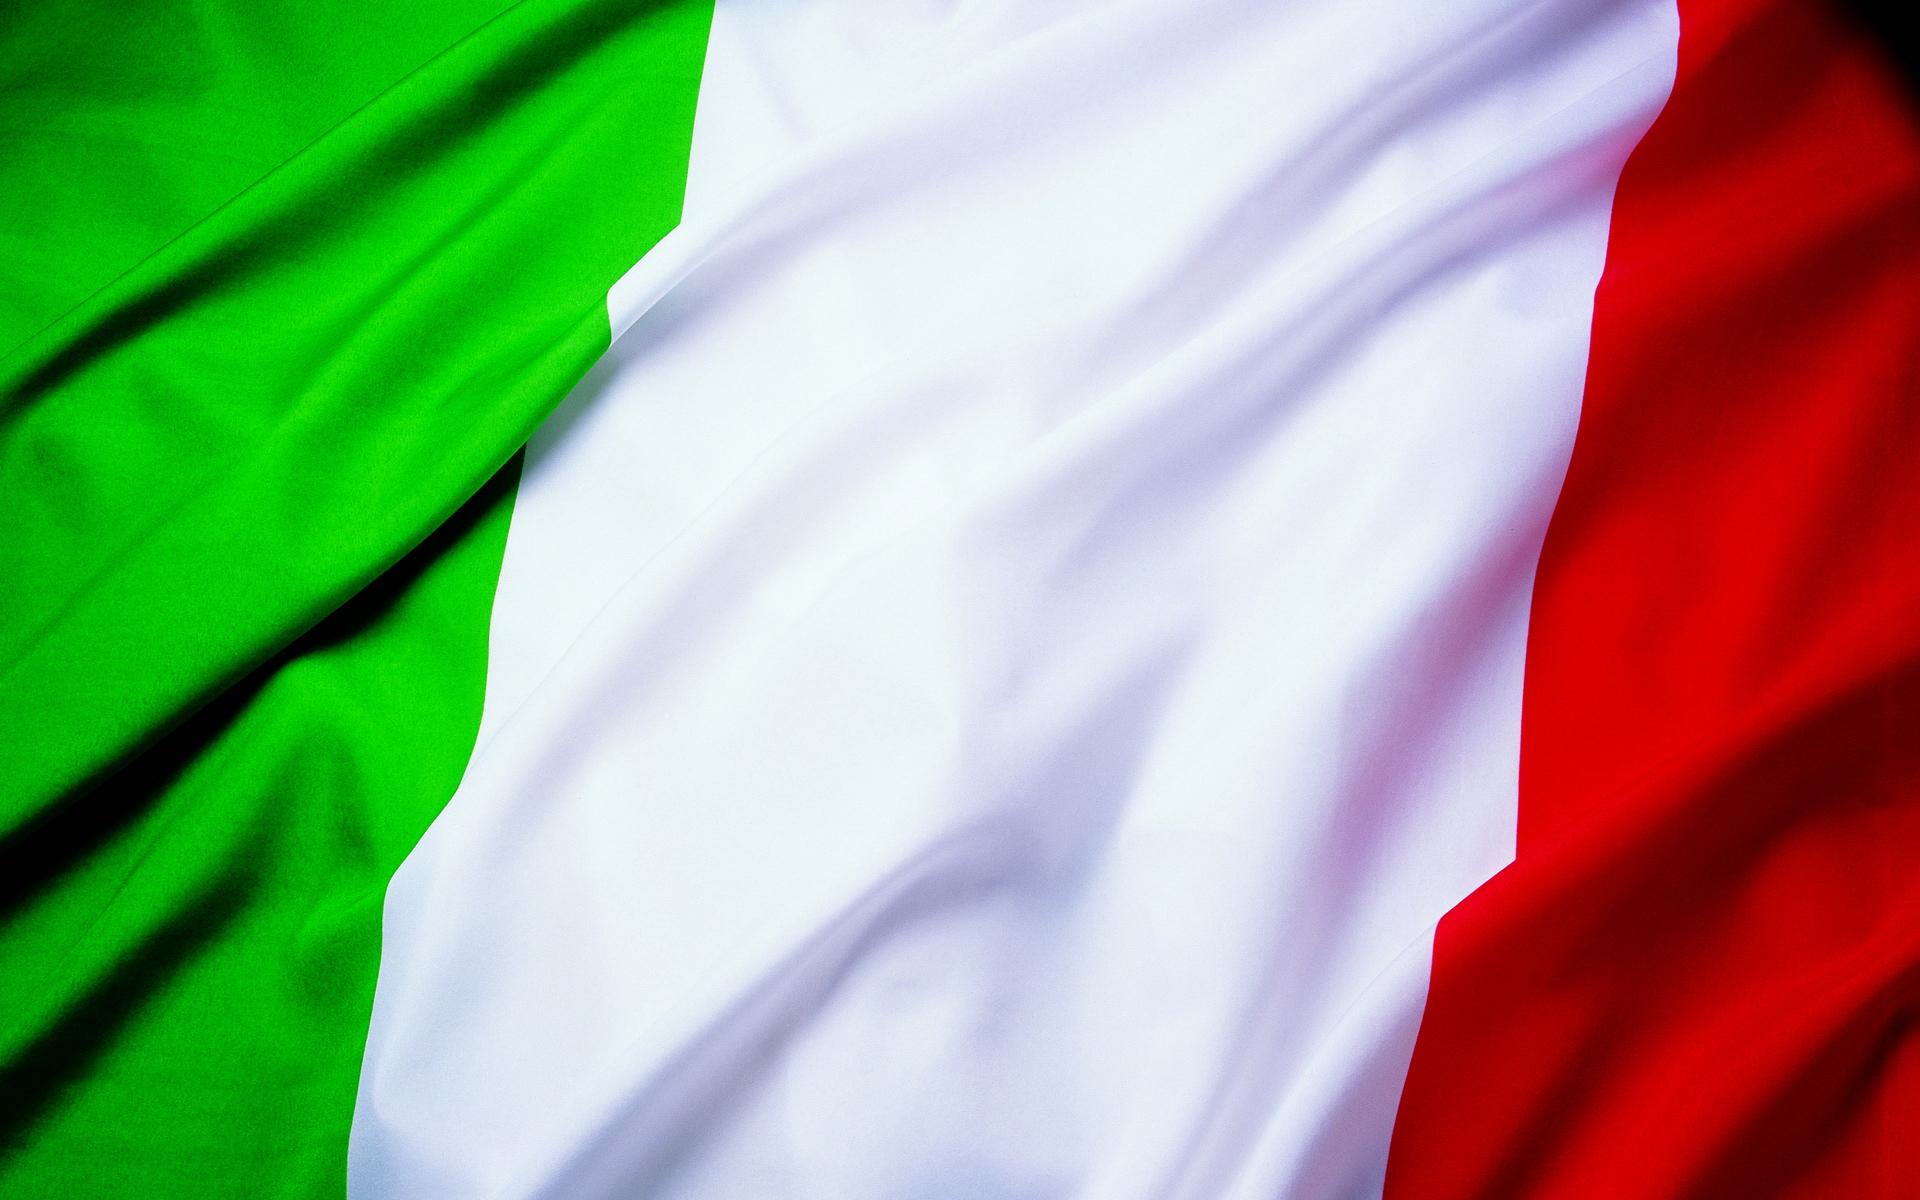 рассказал картинка флаг италии поможет